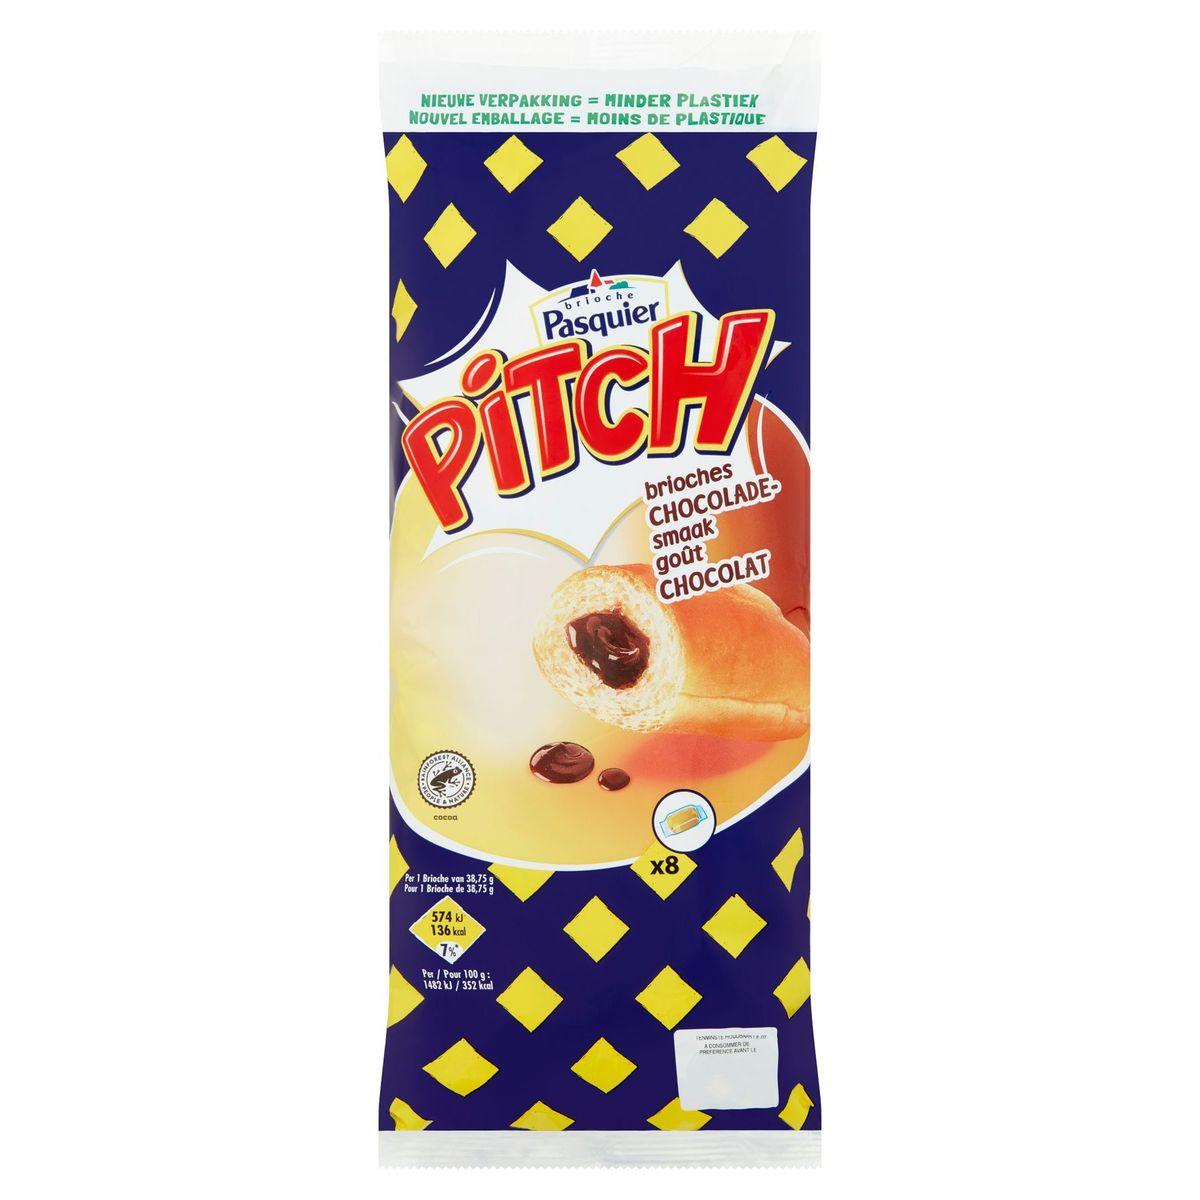 Brioche Pasquier Pitch Brioches Fourrage Goût Chocolat 8 x 38.75 g